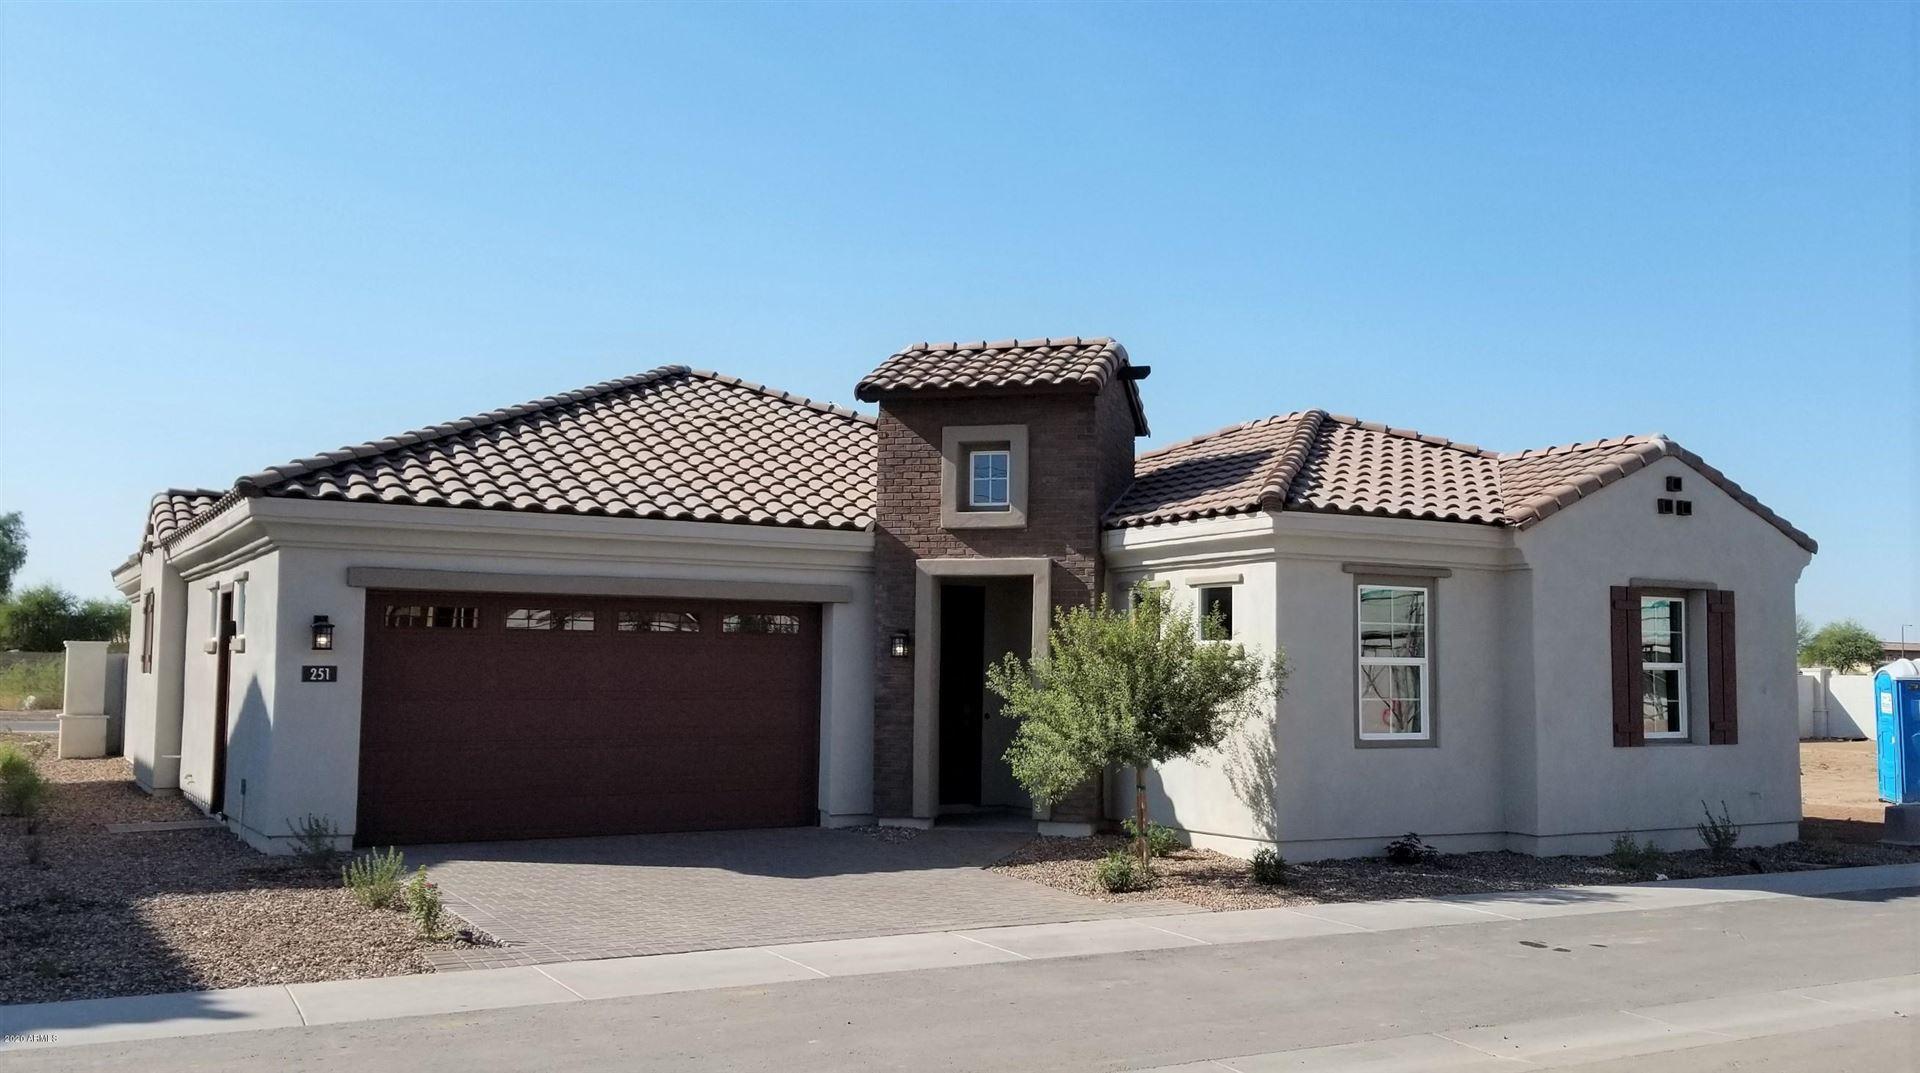 223 E Aster Drive, Chandler, AZ 85286 - MLS#: 6129526